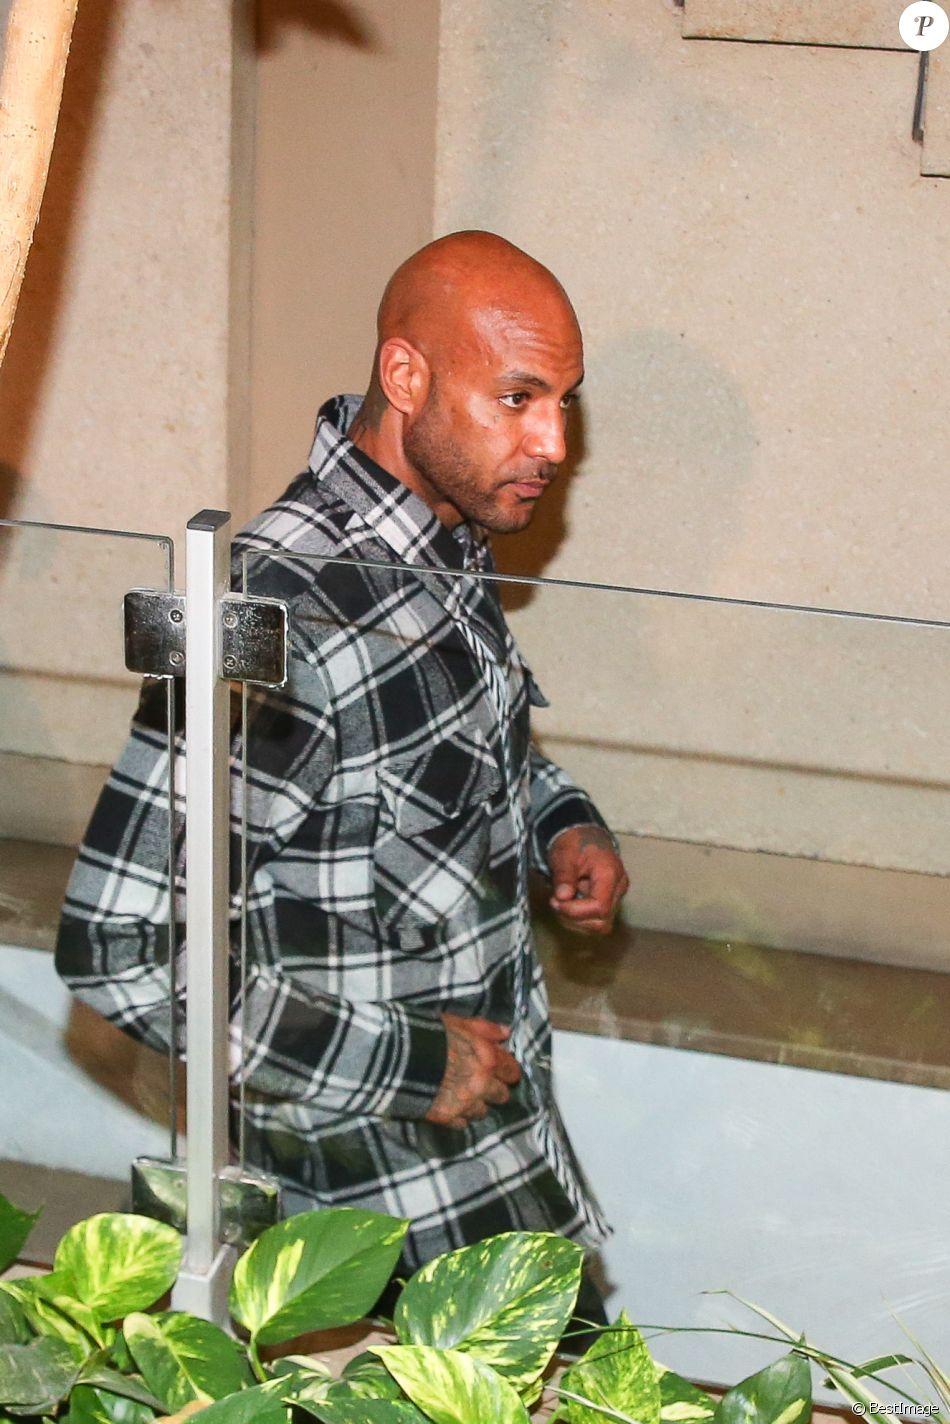 Booba, de son vrai nom Élie Yaffa - Les rappeurs Kaaris et Booba, ainsi que neuf autres prévenus, ont été jugés ce jeudi devant le tribunal correctionnel de Créteil pour violences aggravées et vols en réunion après leur bagarre à Orly le 1er août dernier le 6 septembre 2018.